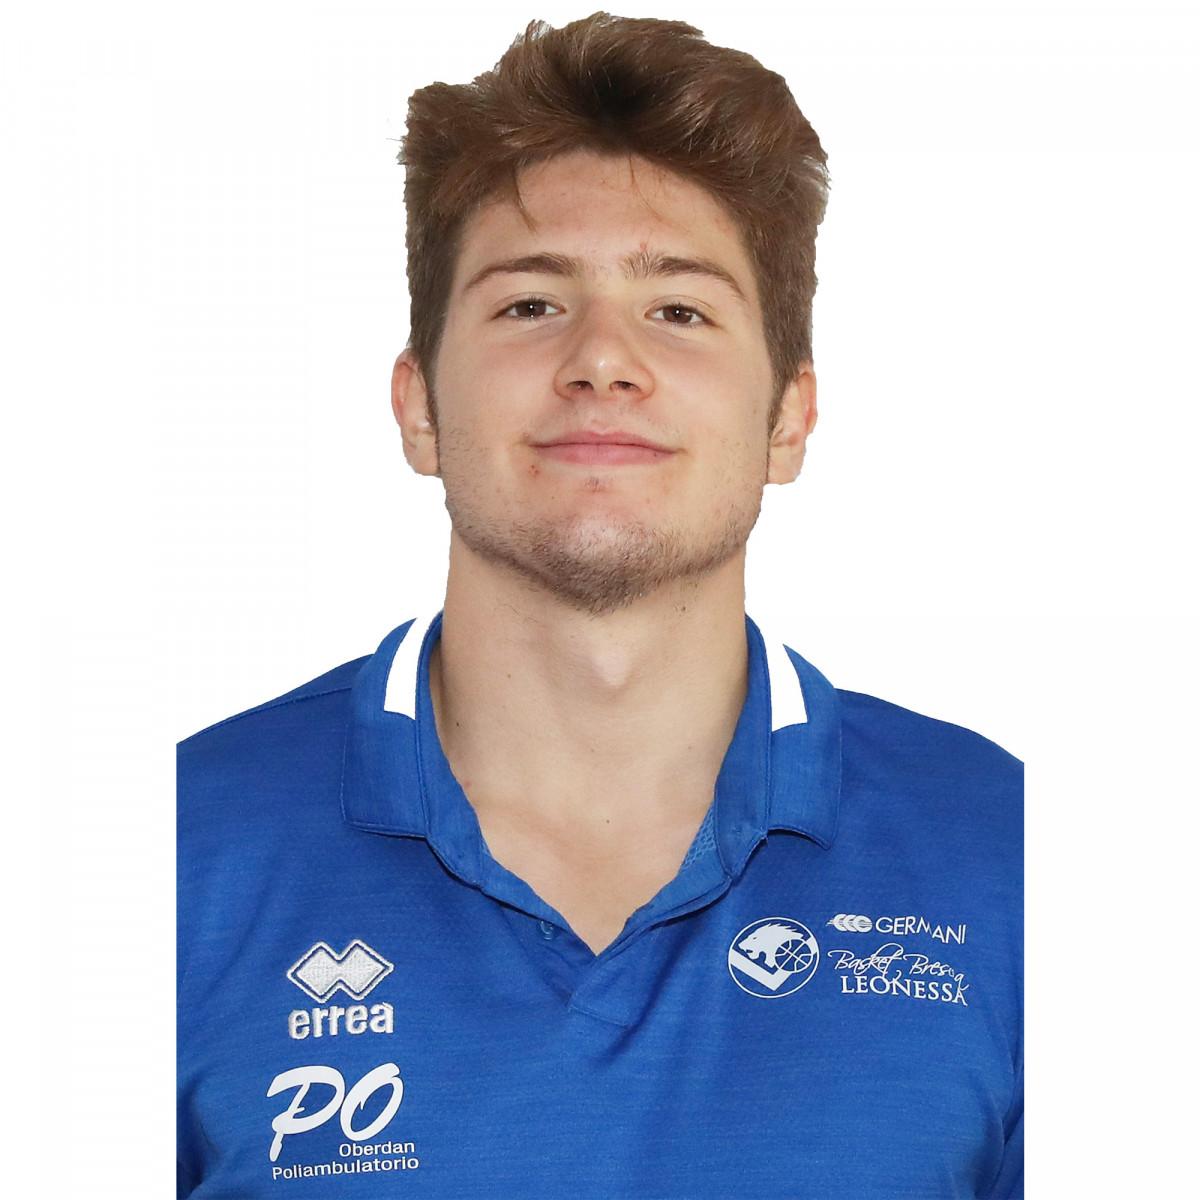 Photo of Giacomo Veronesi, 2019-2020 season